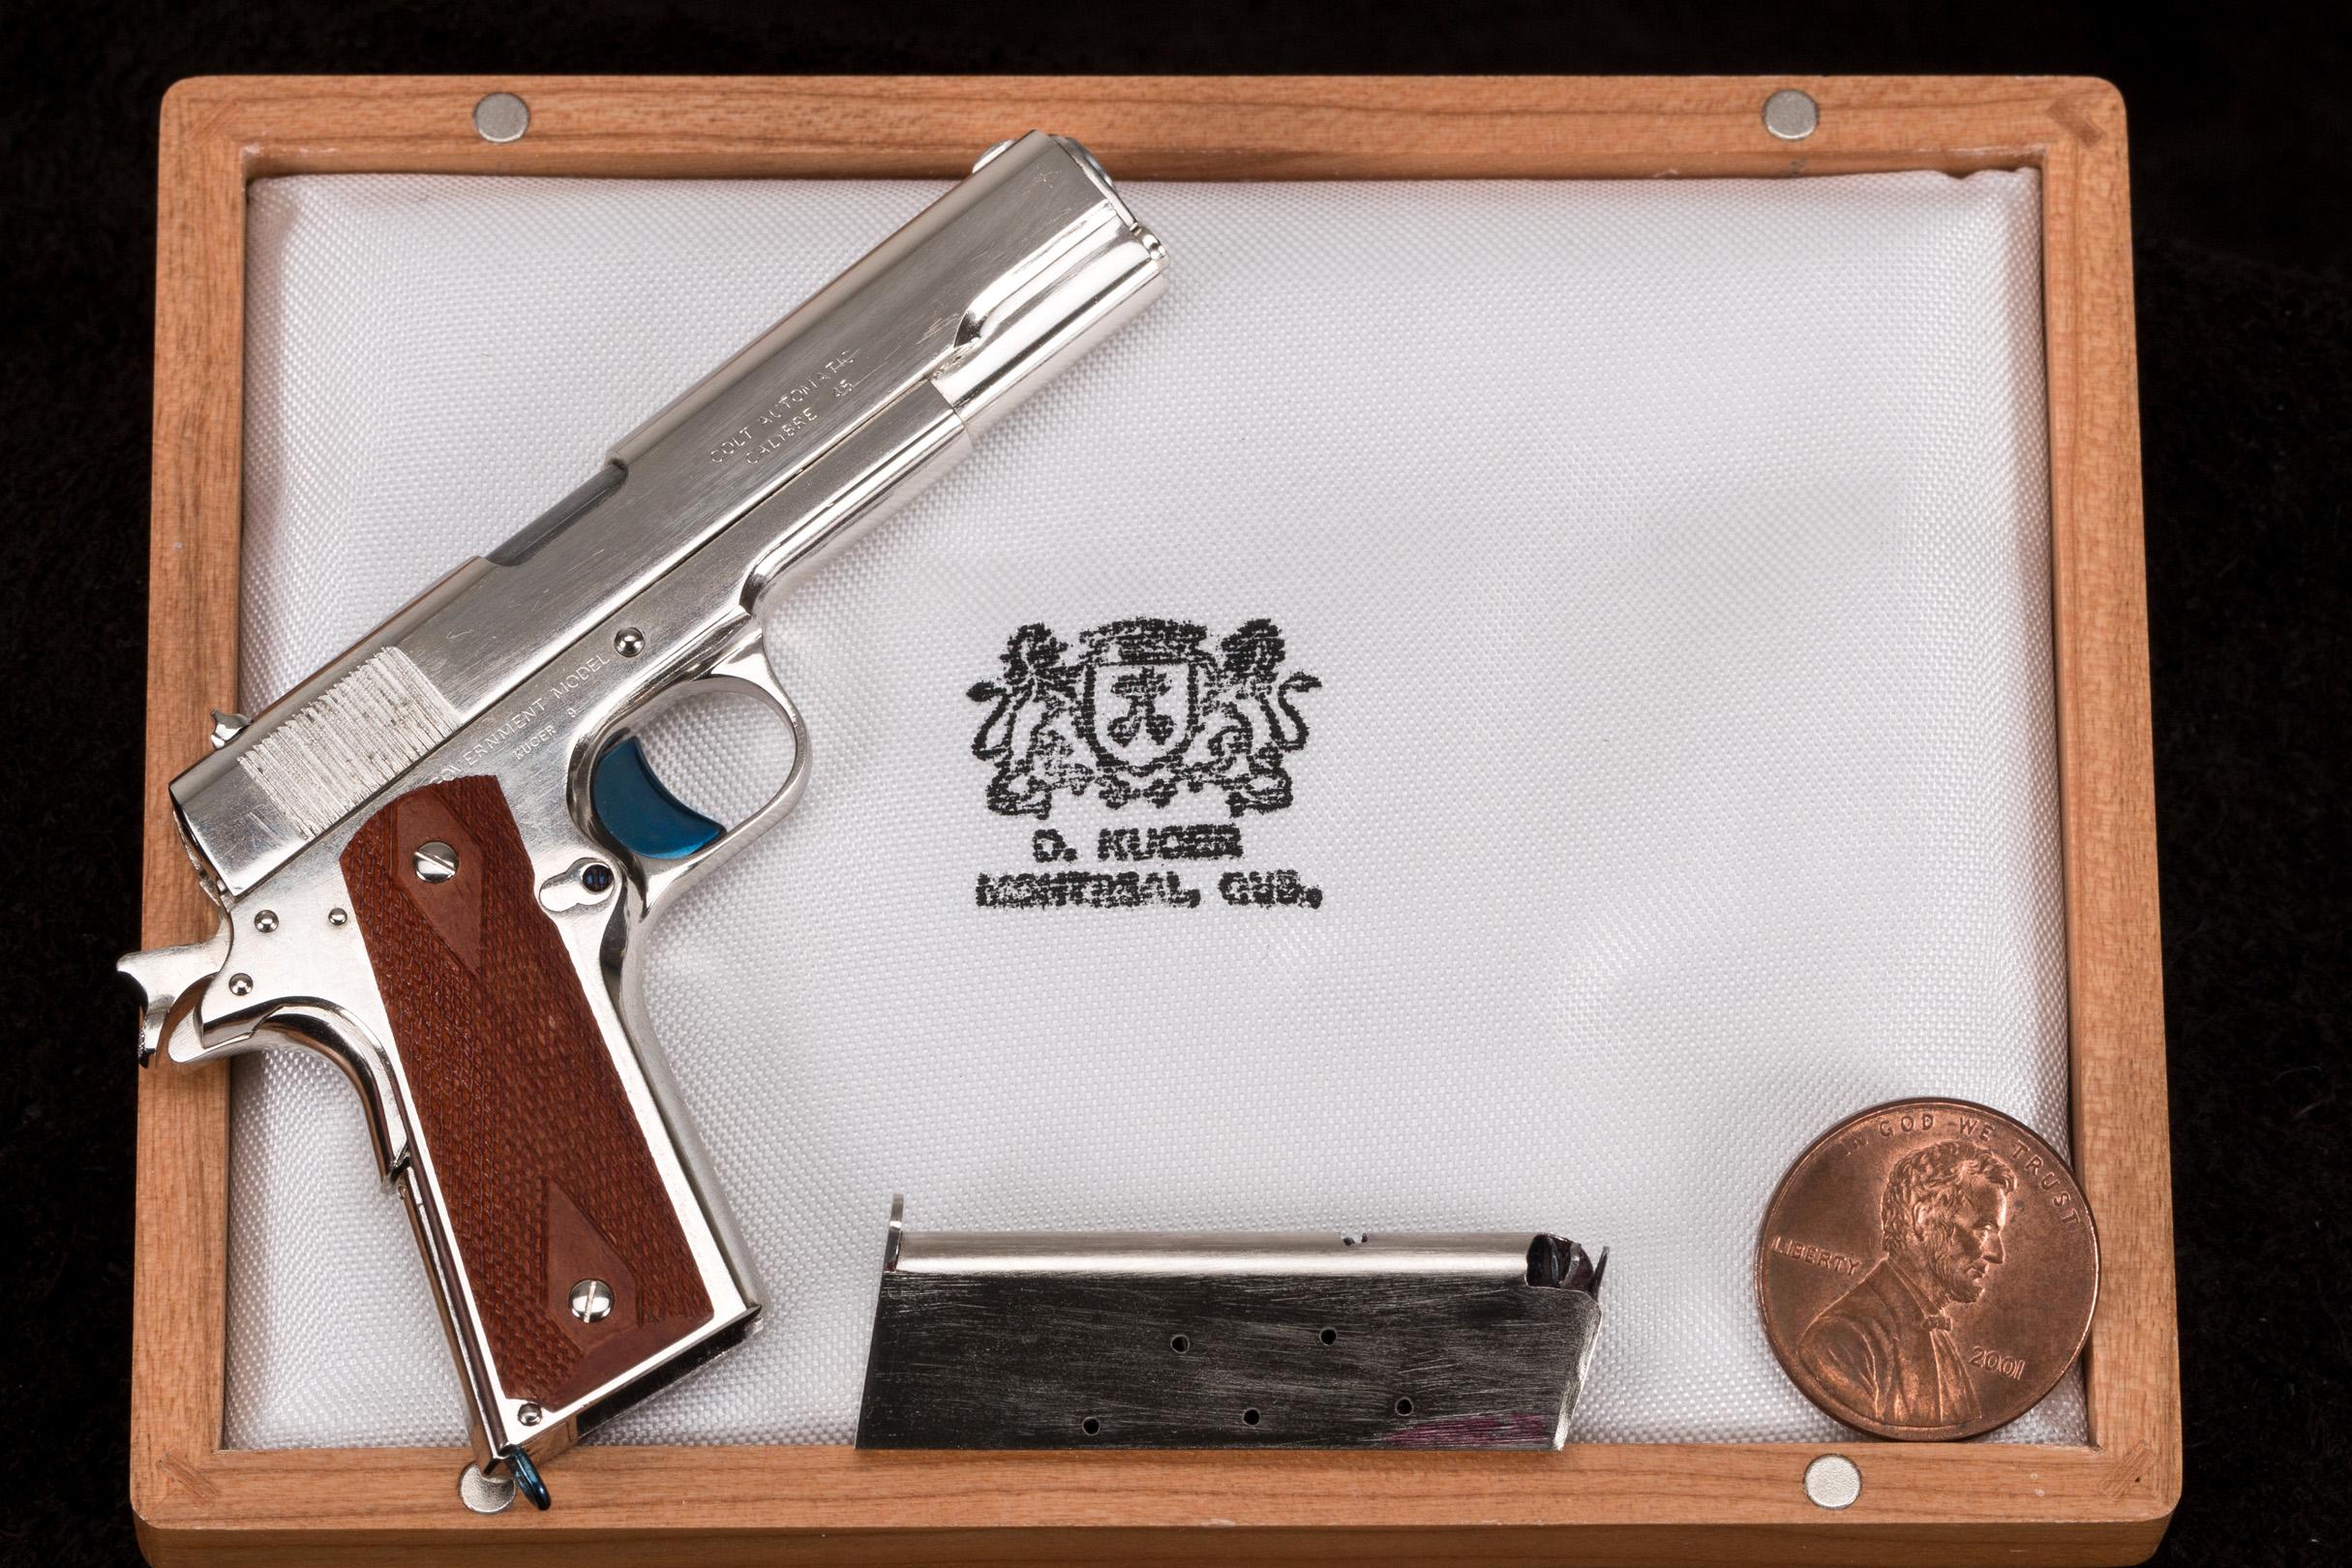 David Kucer Miniatures 1/3 Scale Colt 1911 - No Longer Available